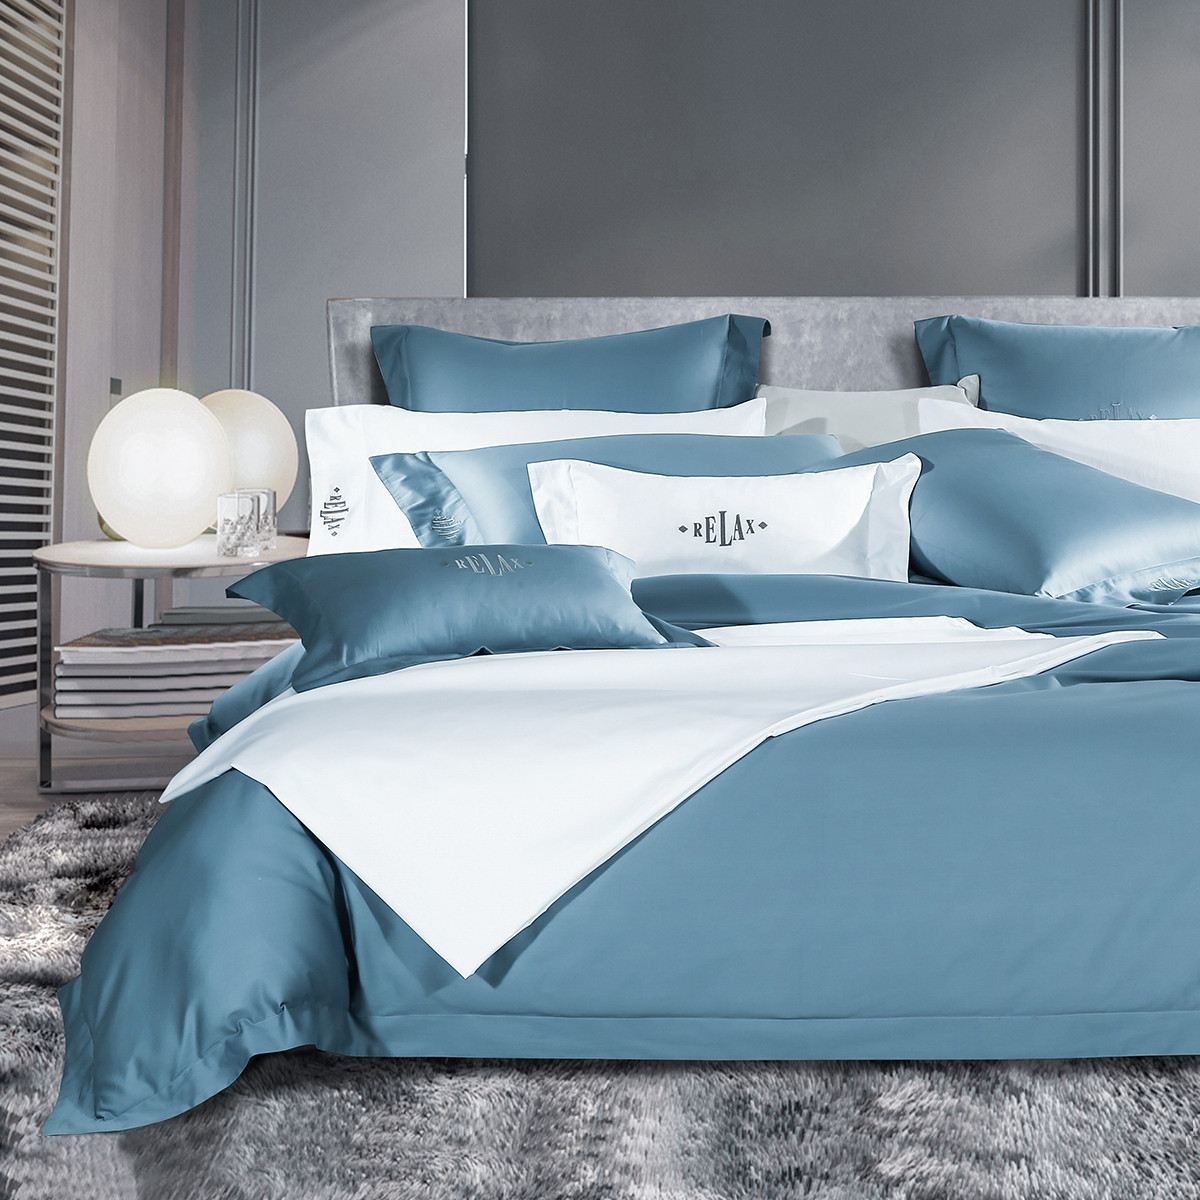 康尔馨世茂希尔顿五星级酒店60支纯棉全棉床单被套床上用品四件套6925601536434